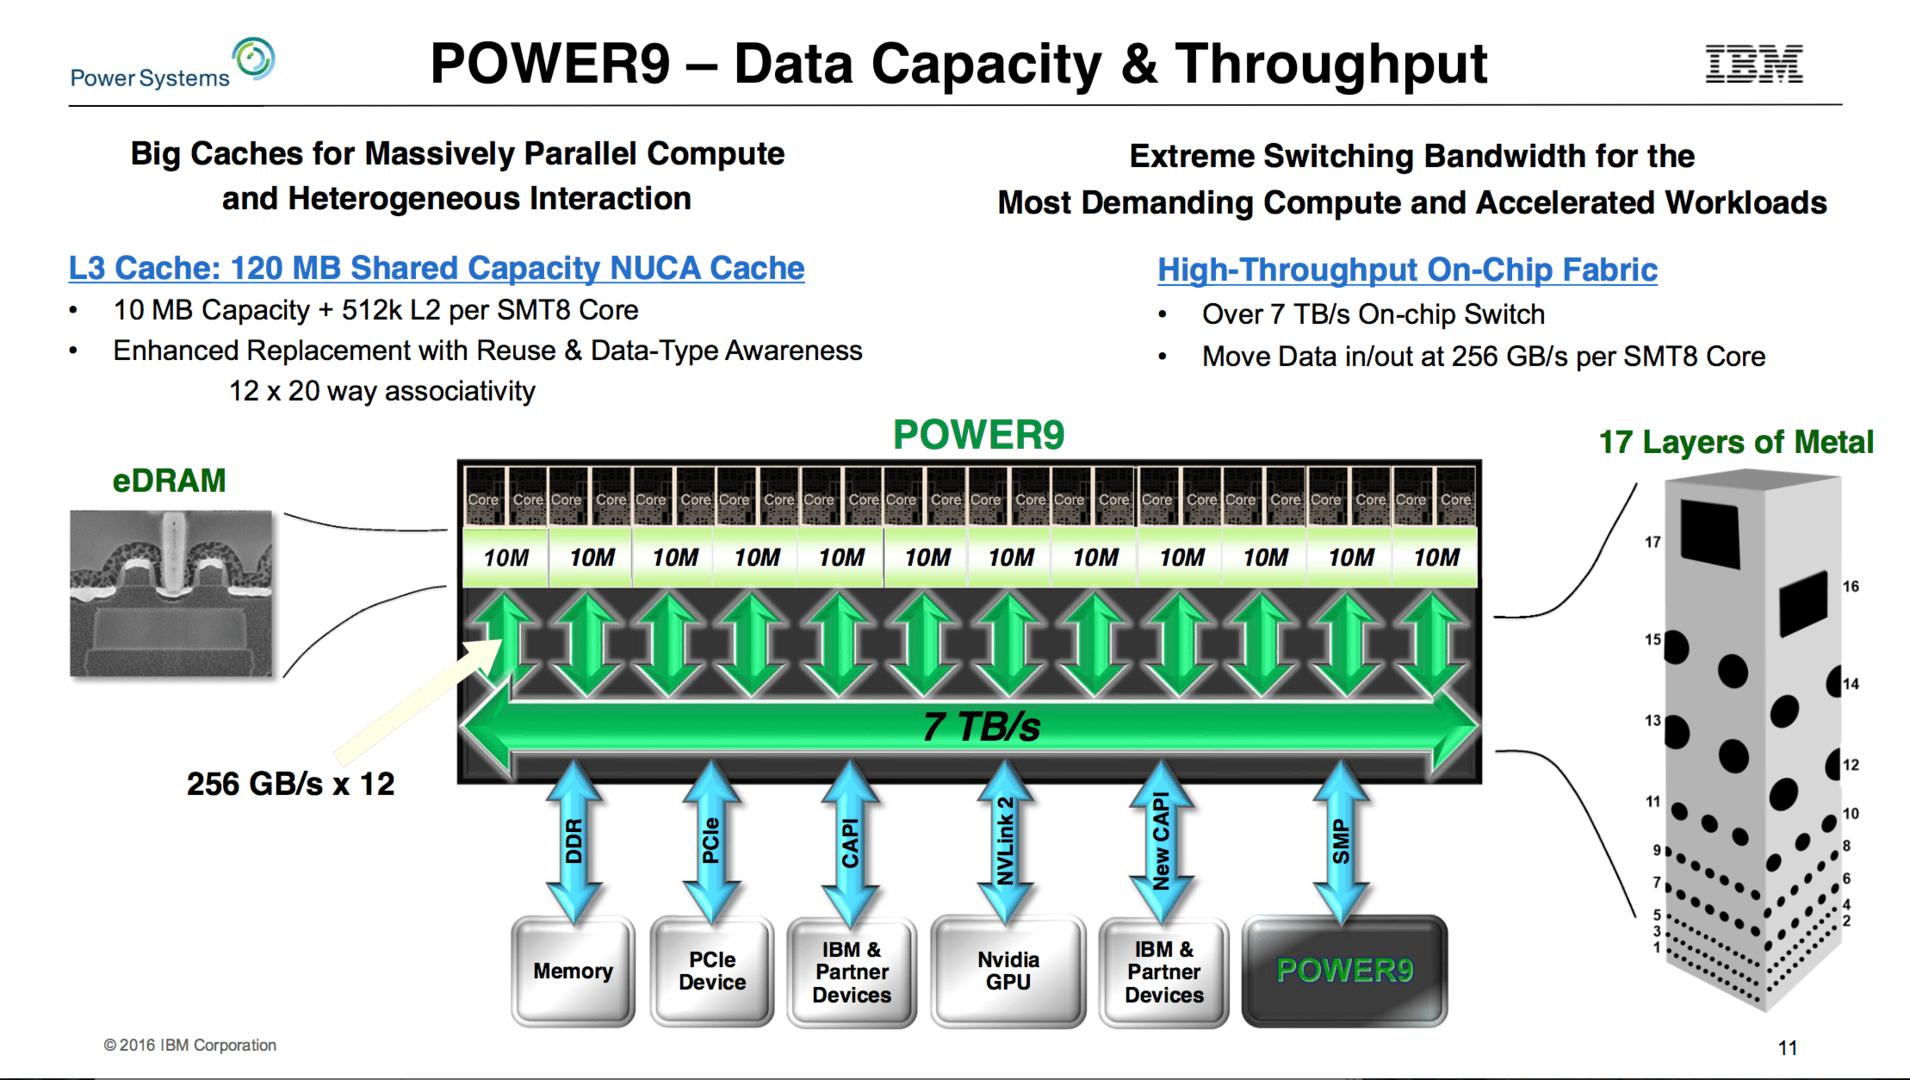 IBM Power9 zu Hot Chips 28